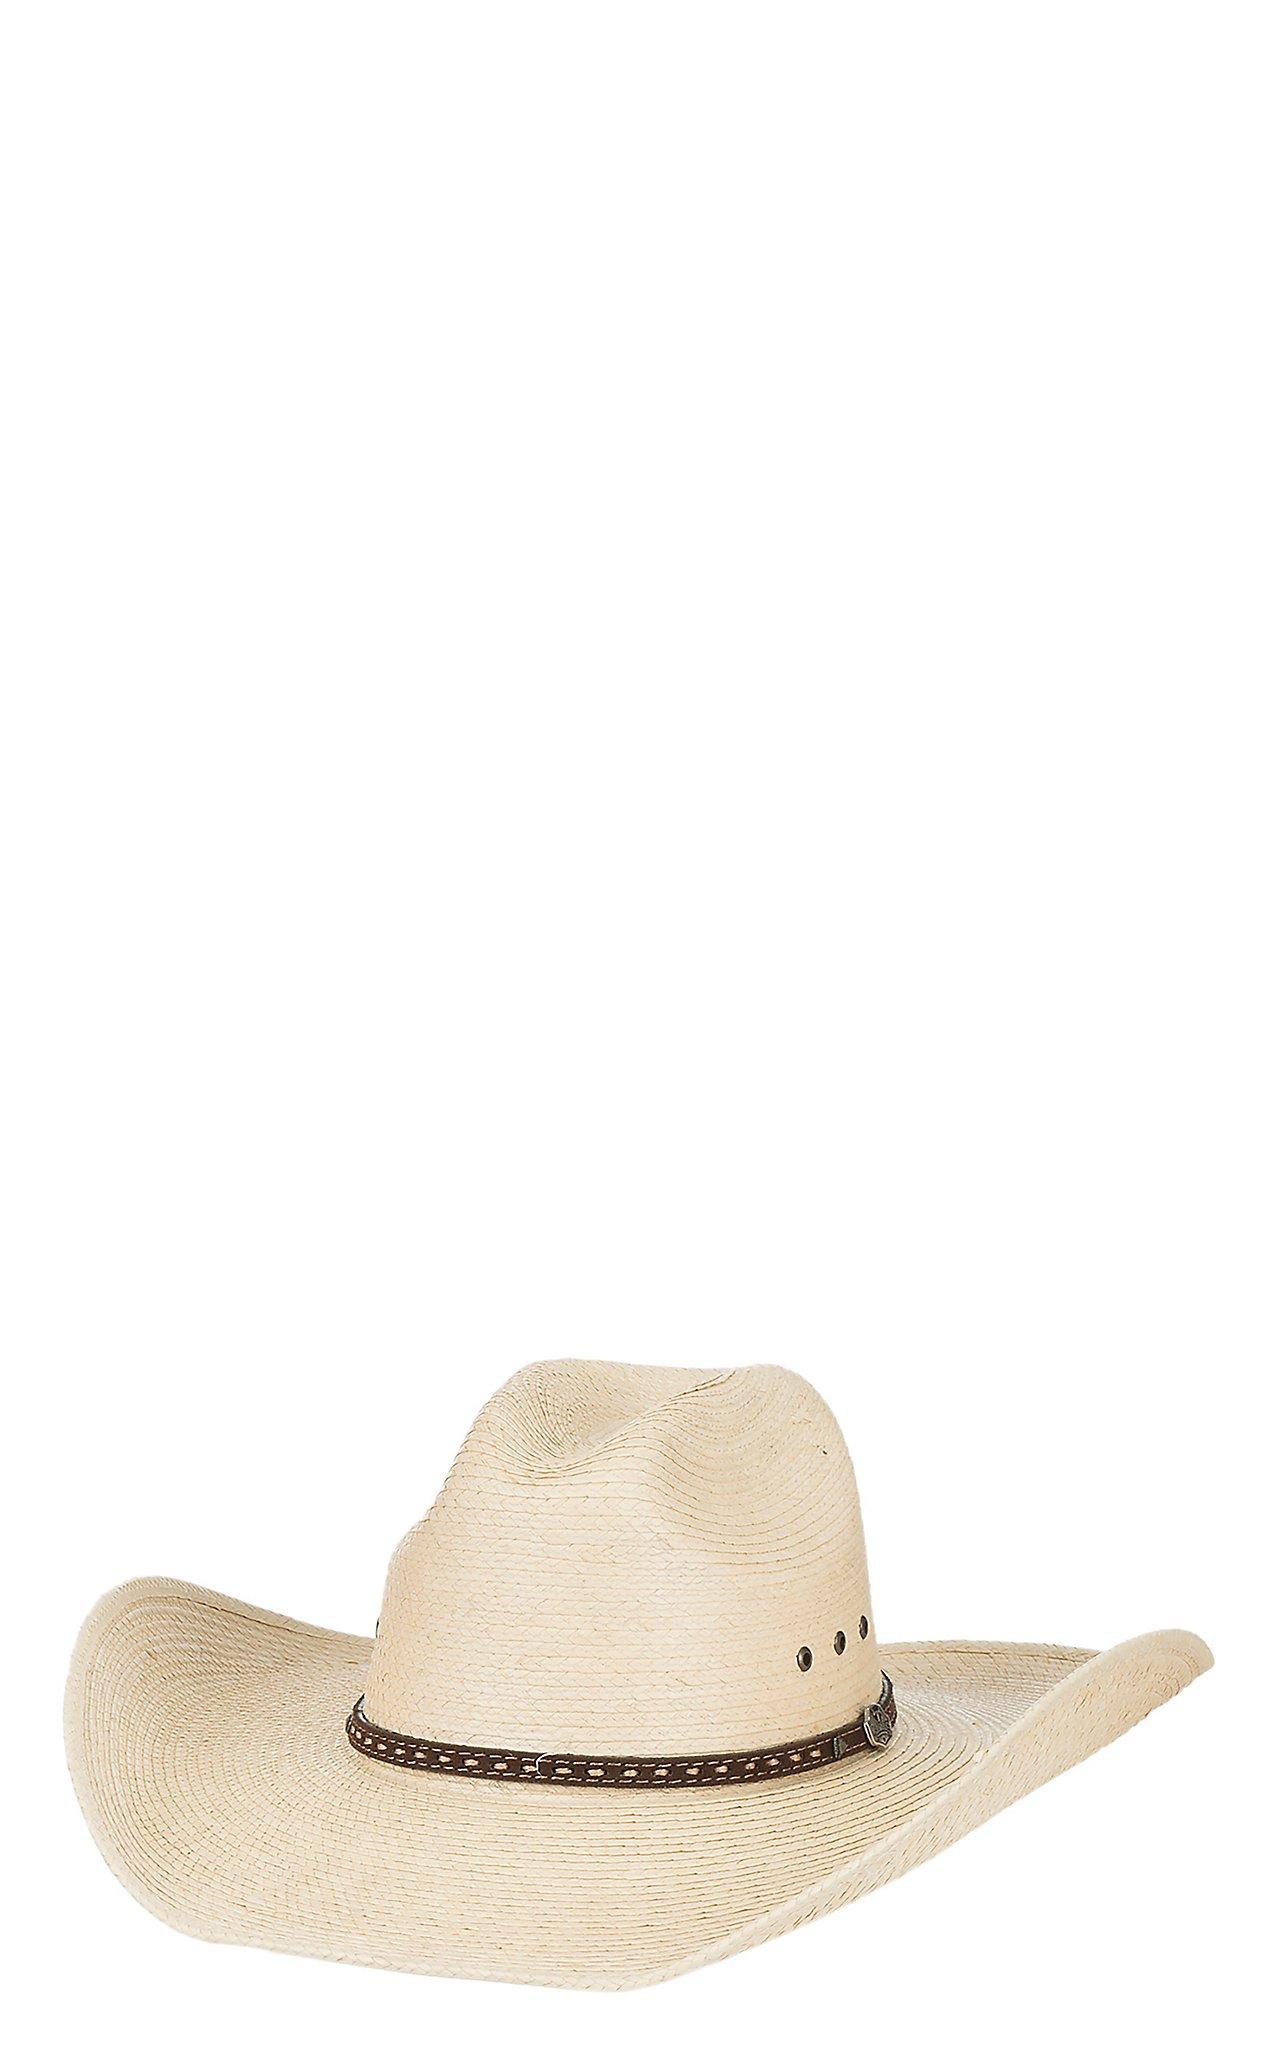 2b1a6fb1e5f Buy Palm Leaf Cowboy Hats On Sale - Discount Western Wear at Cavender s